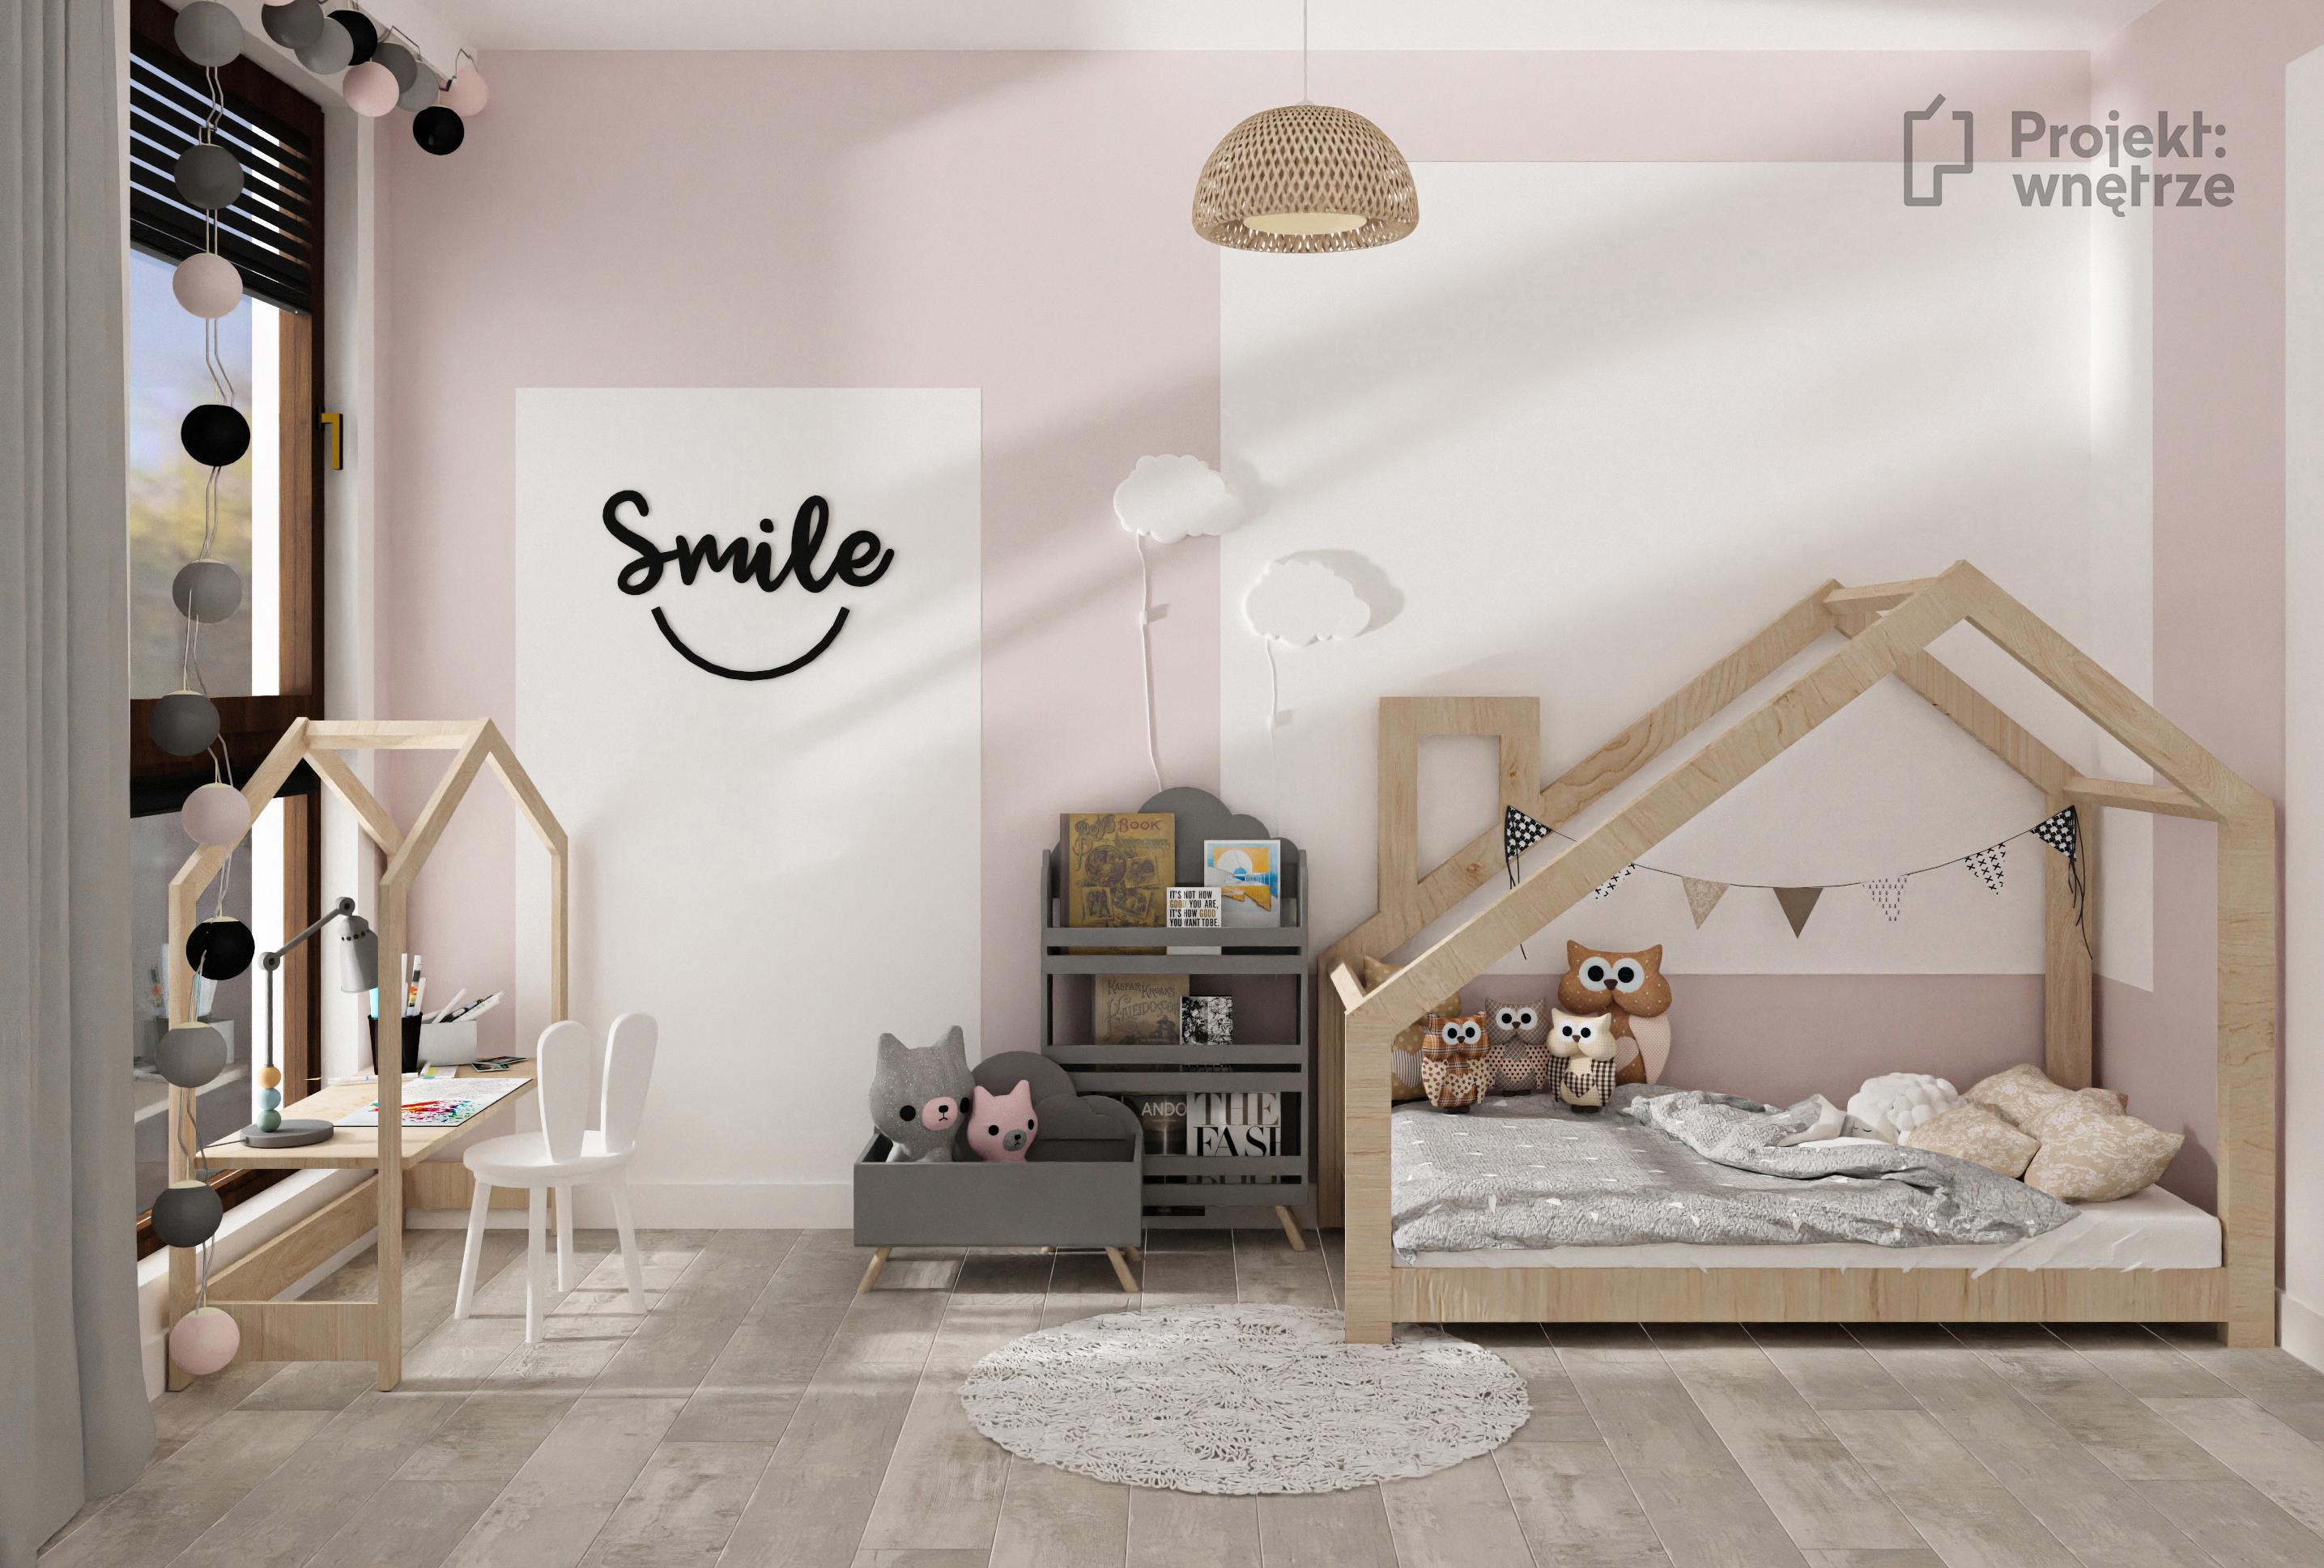 Pokój dla dziewczynki róż szarość biel łóżko domek - projekt pokoju dziecięcego - www.projektwnetrze.com.pl